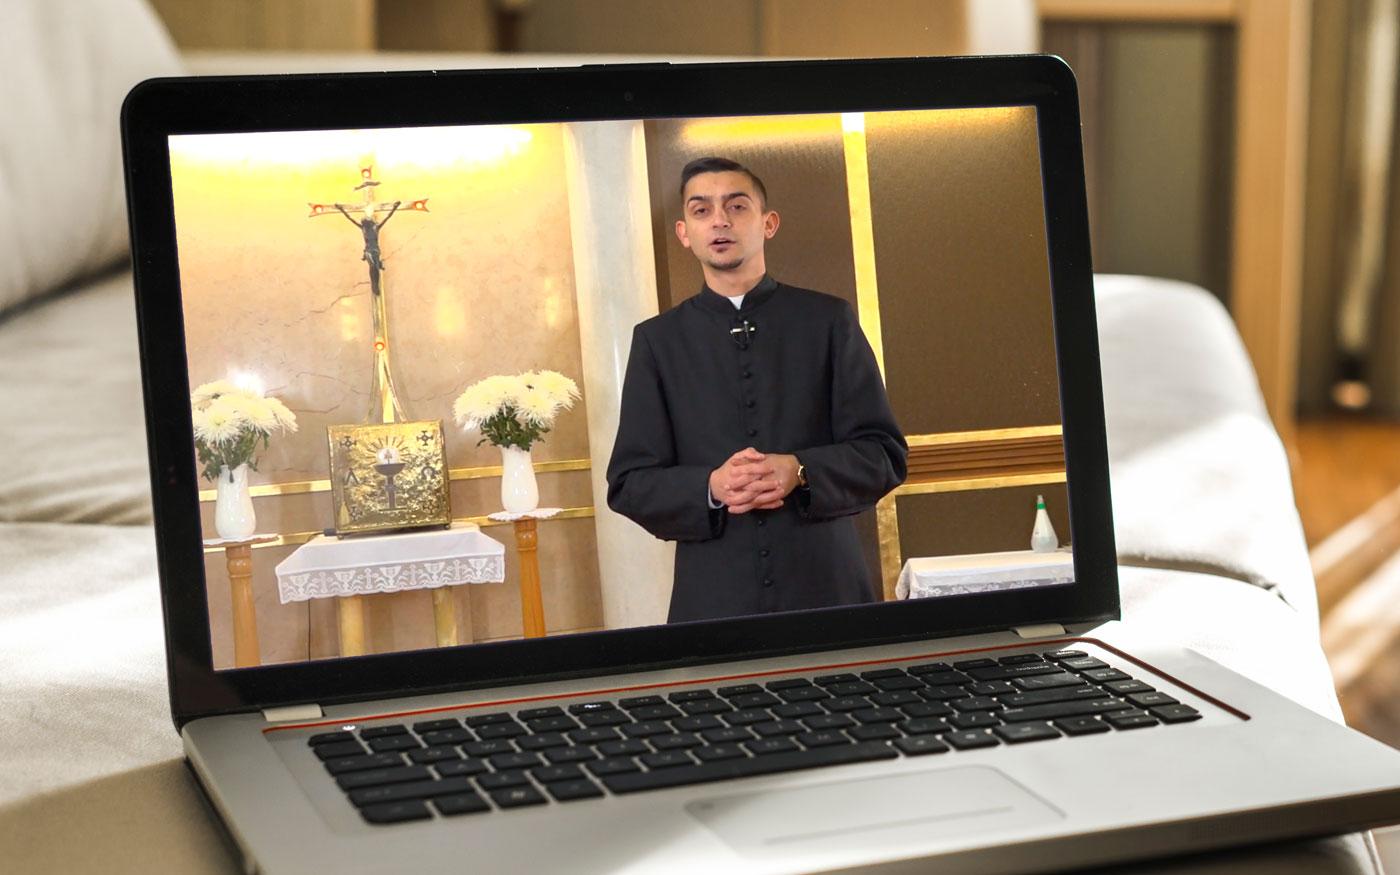 Dunaharaszti káplánja és tanítványai a Váci Egyházmegyei Katolikus Televízióban